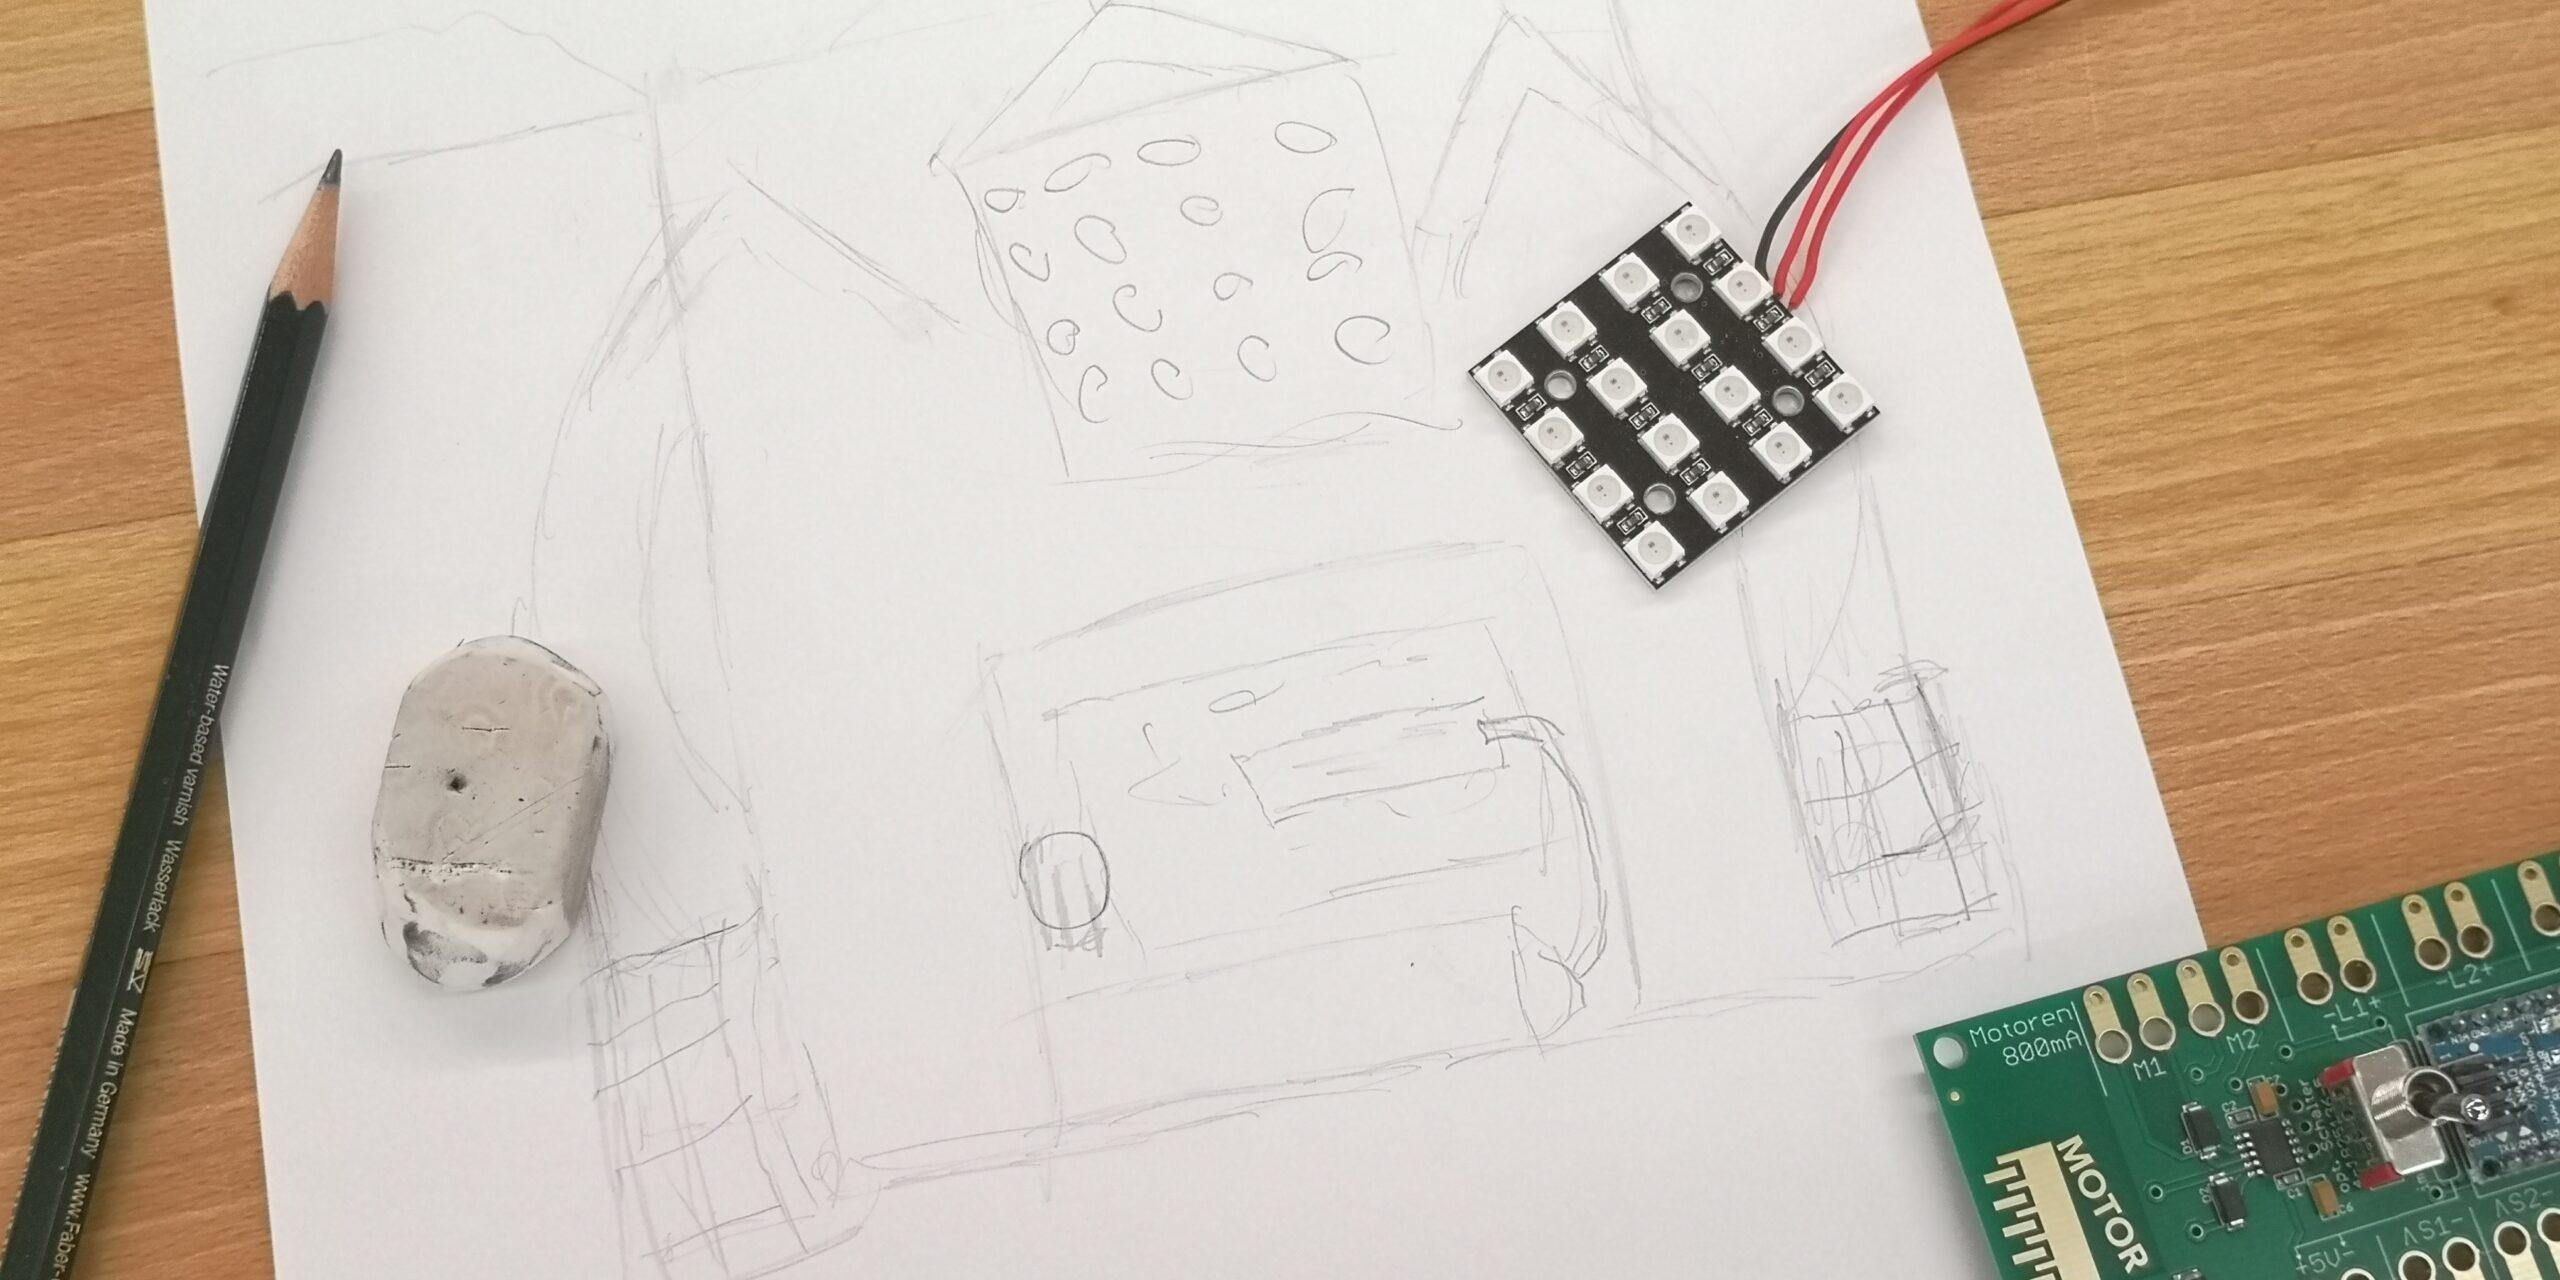 Arduino Roboter Skizzen & Ideen (14)